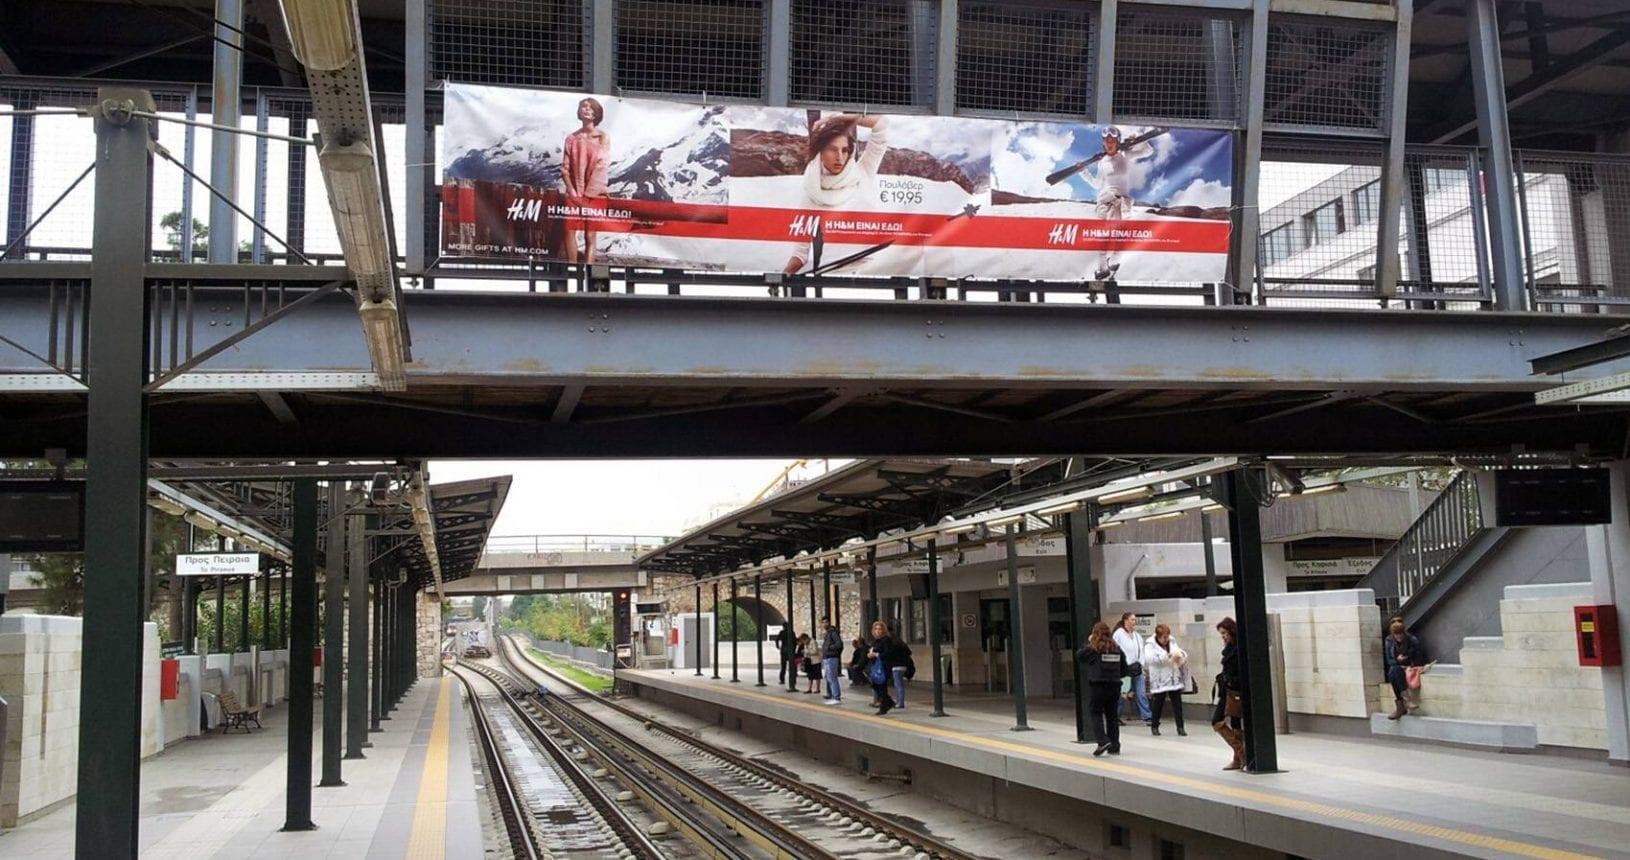 διαφήμιση σε σταθμούς του ηλεκτρικού